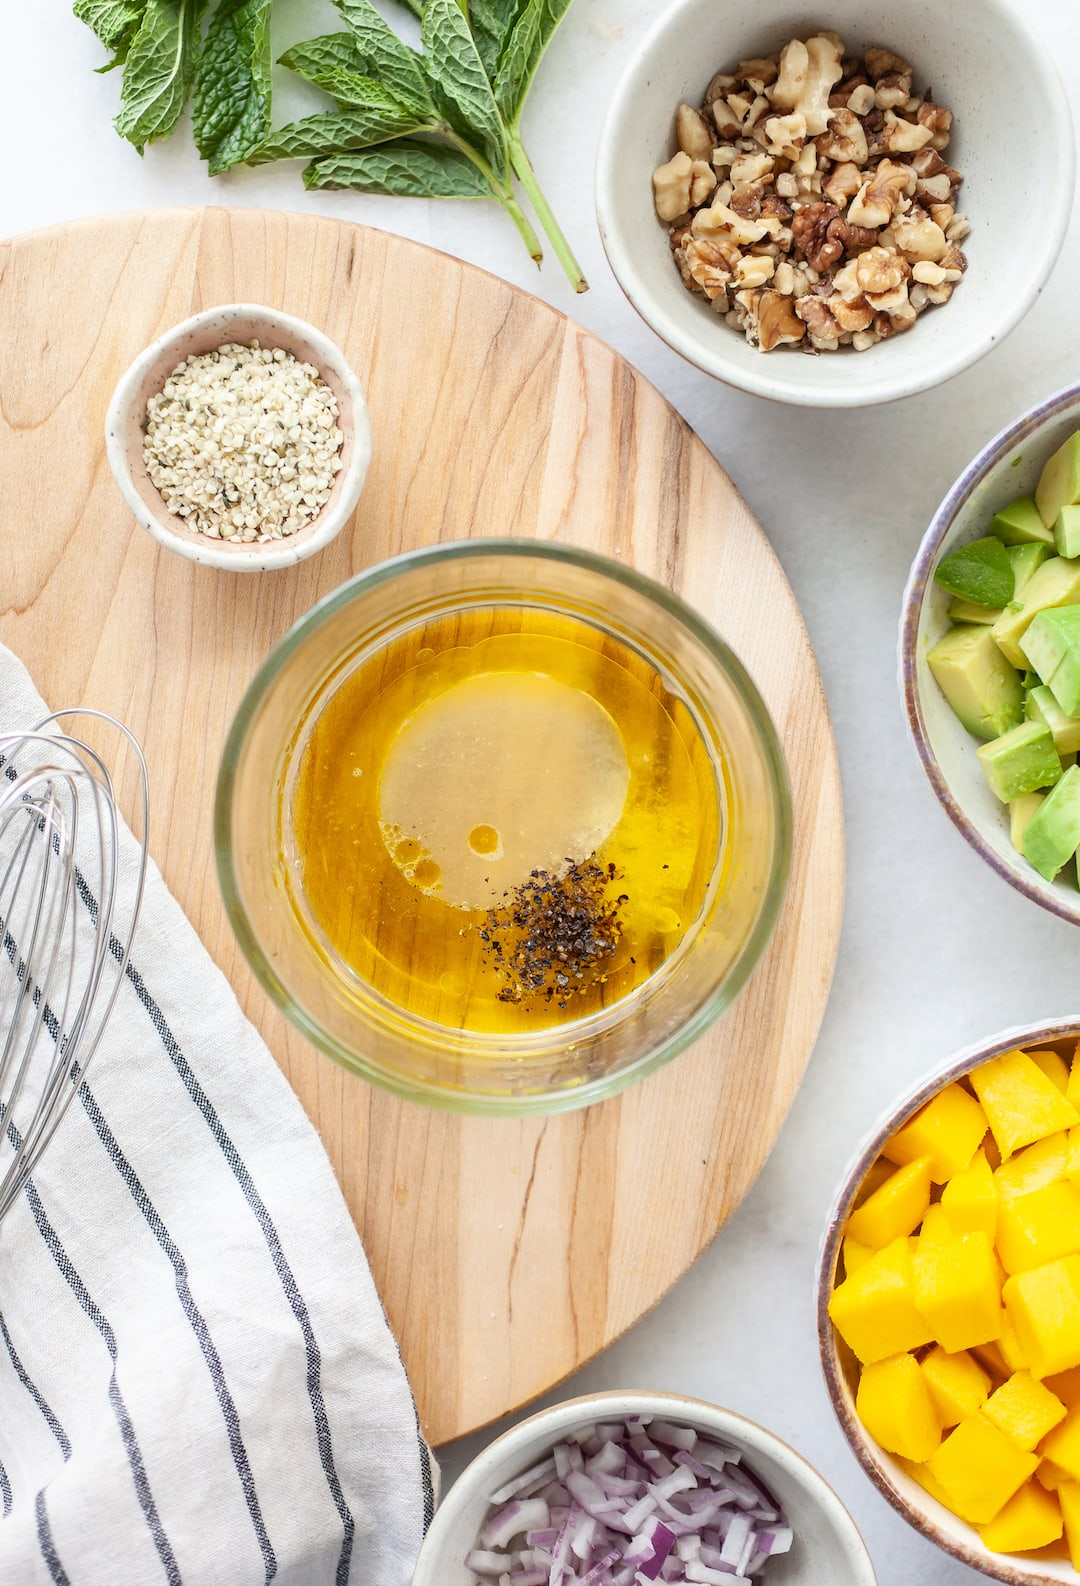 Easy Mango Avocado Salad dressing in a bowl